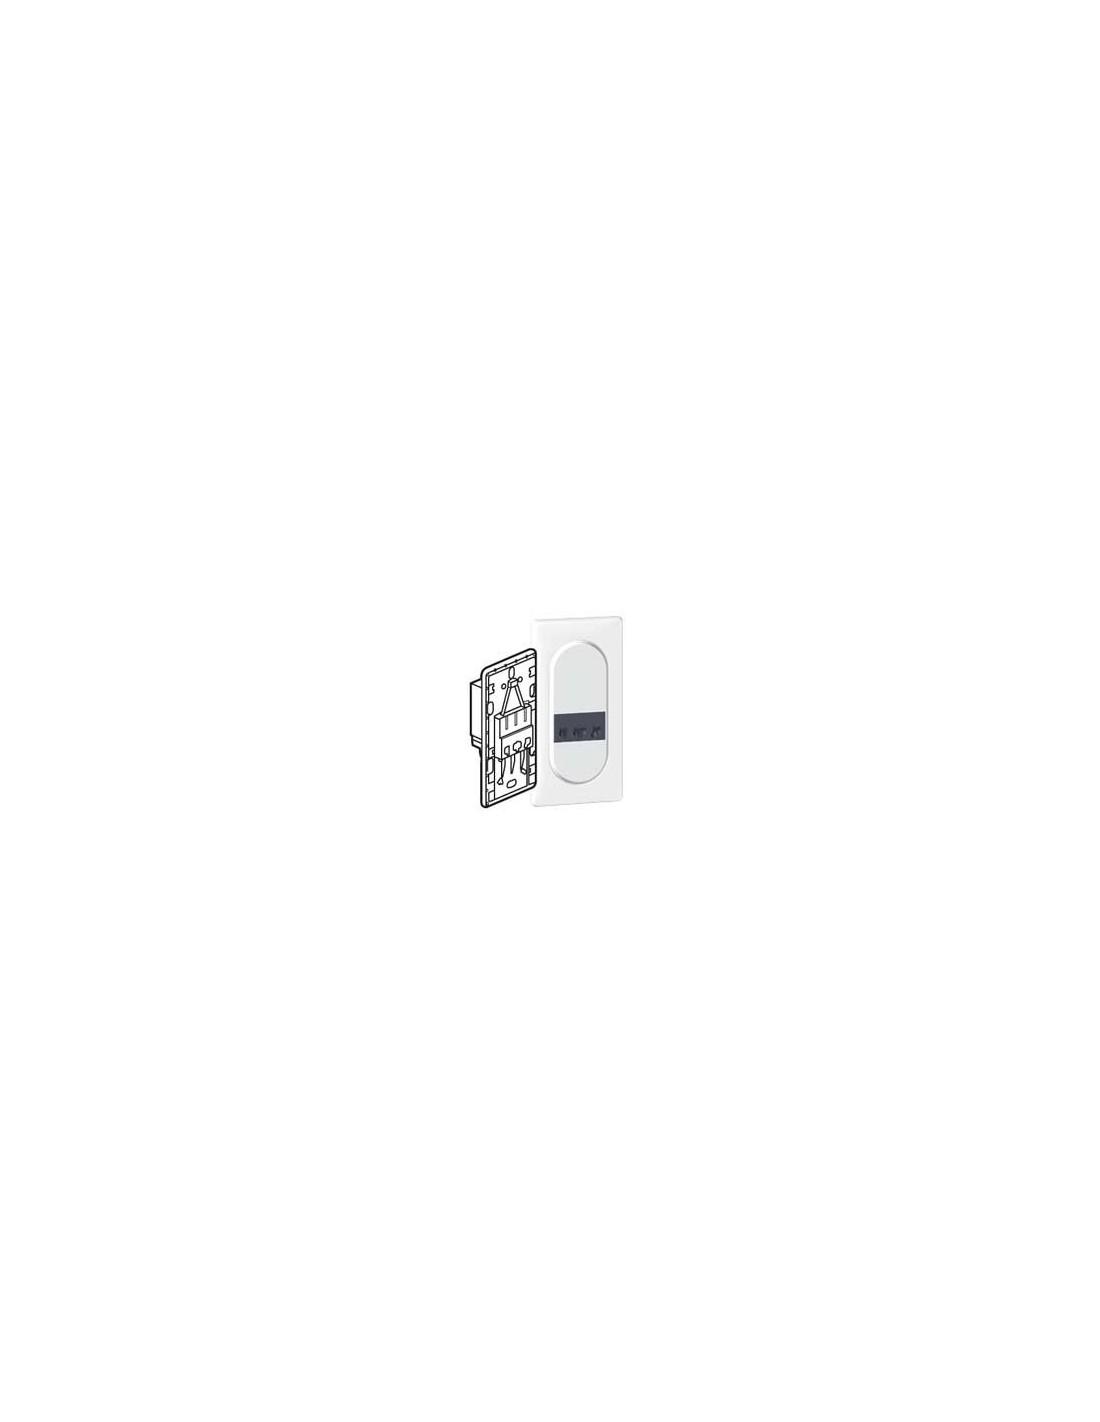 miroir salle de bain avec prise rasoir elegant best miroir salle de bain horloge capteur k. Black Bedroom Furniture Sets. Home Design Ideas